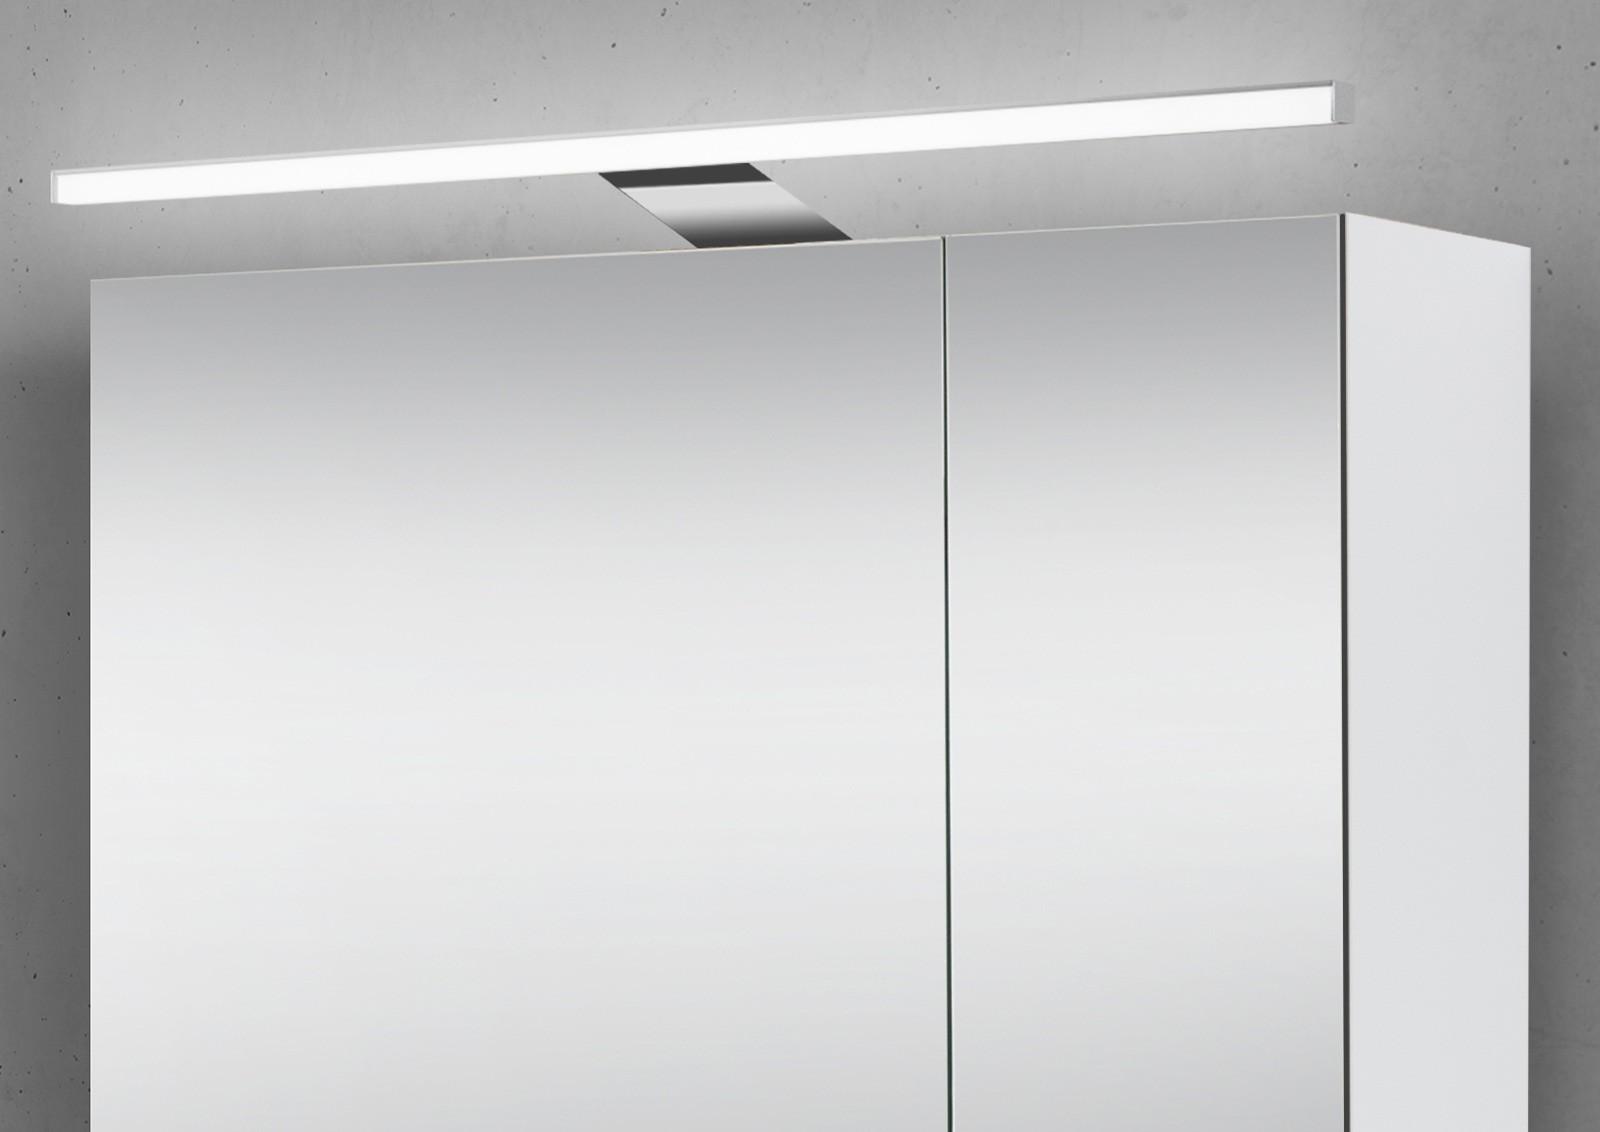 Spiegelschrank 60 cm mit LED Beleuchtung doppeltverspiegelt ...